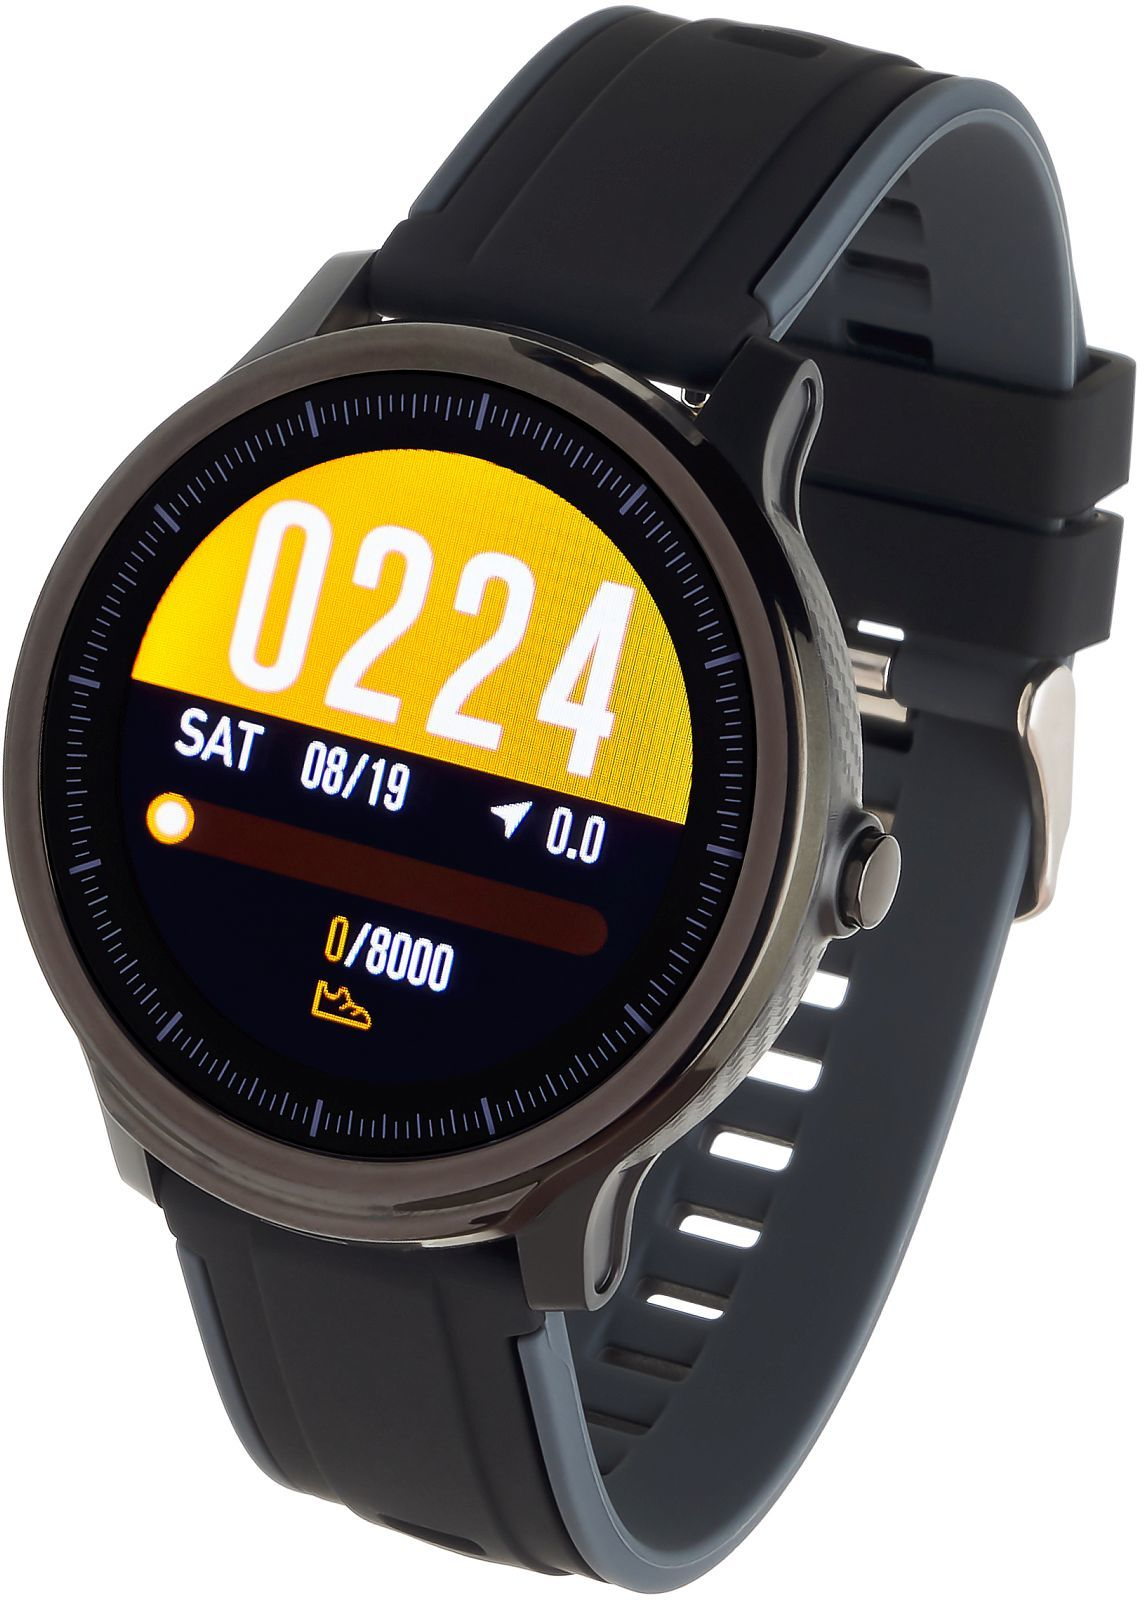 Smartwatch Sport Garett Gym szary > Darmowa dostawa UPS Darmowy zwrot DHL przez 100 DNI Odbierz w salonie w Warszawie